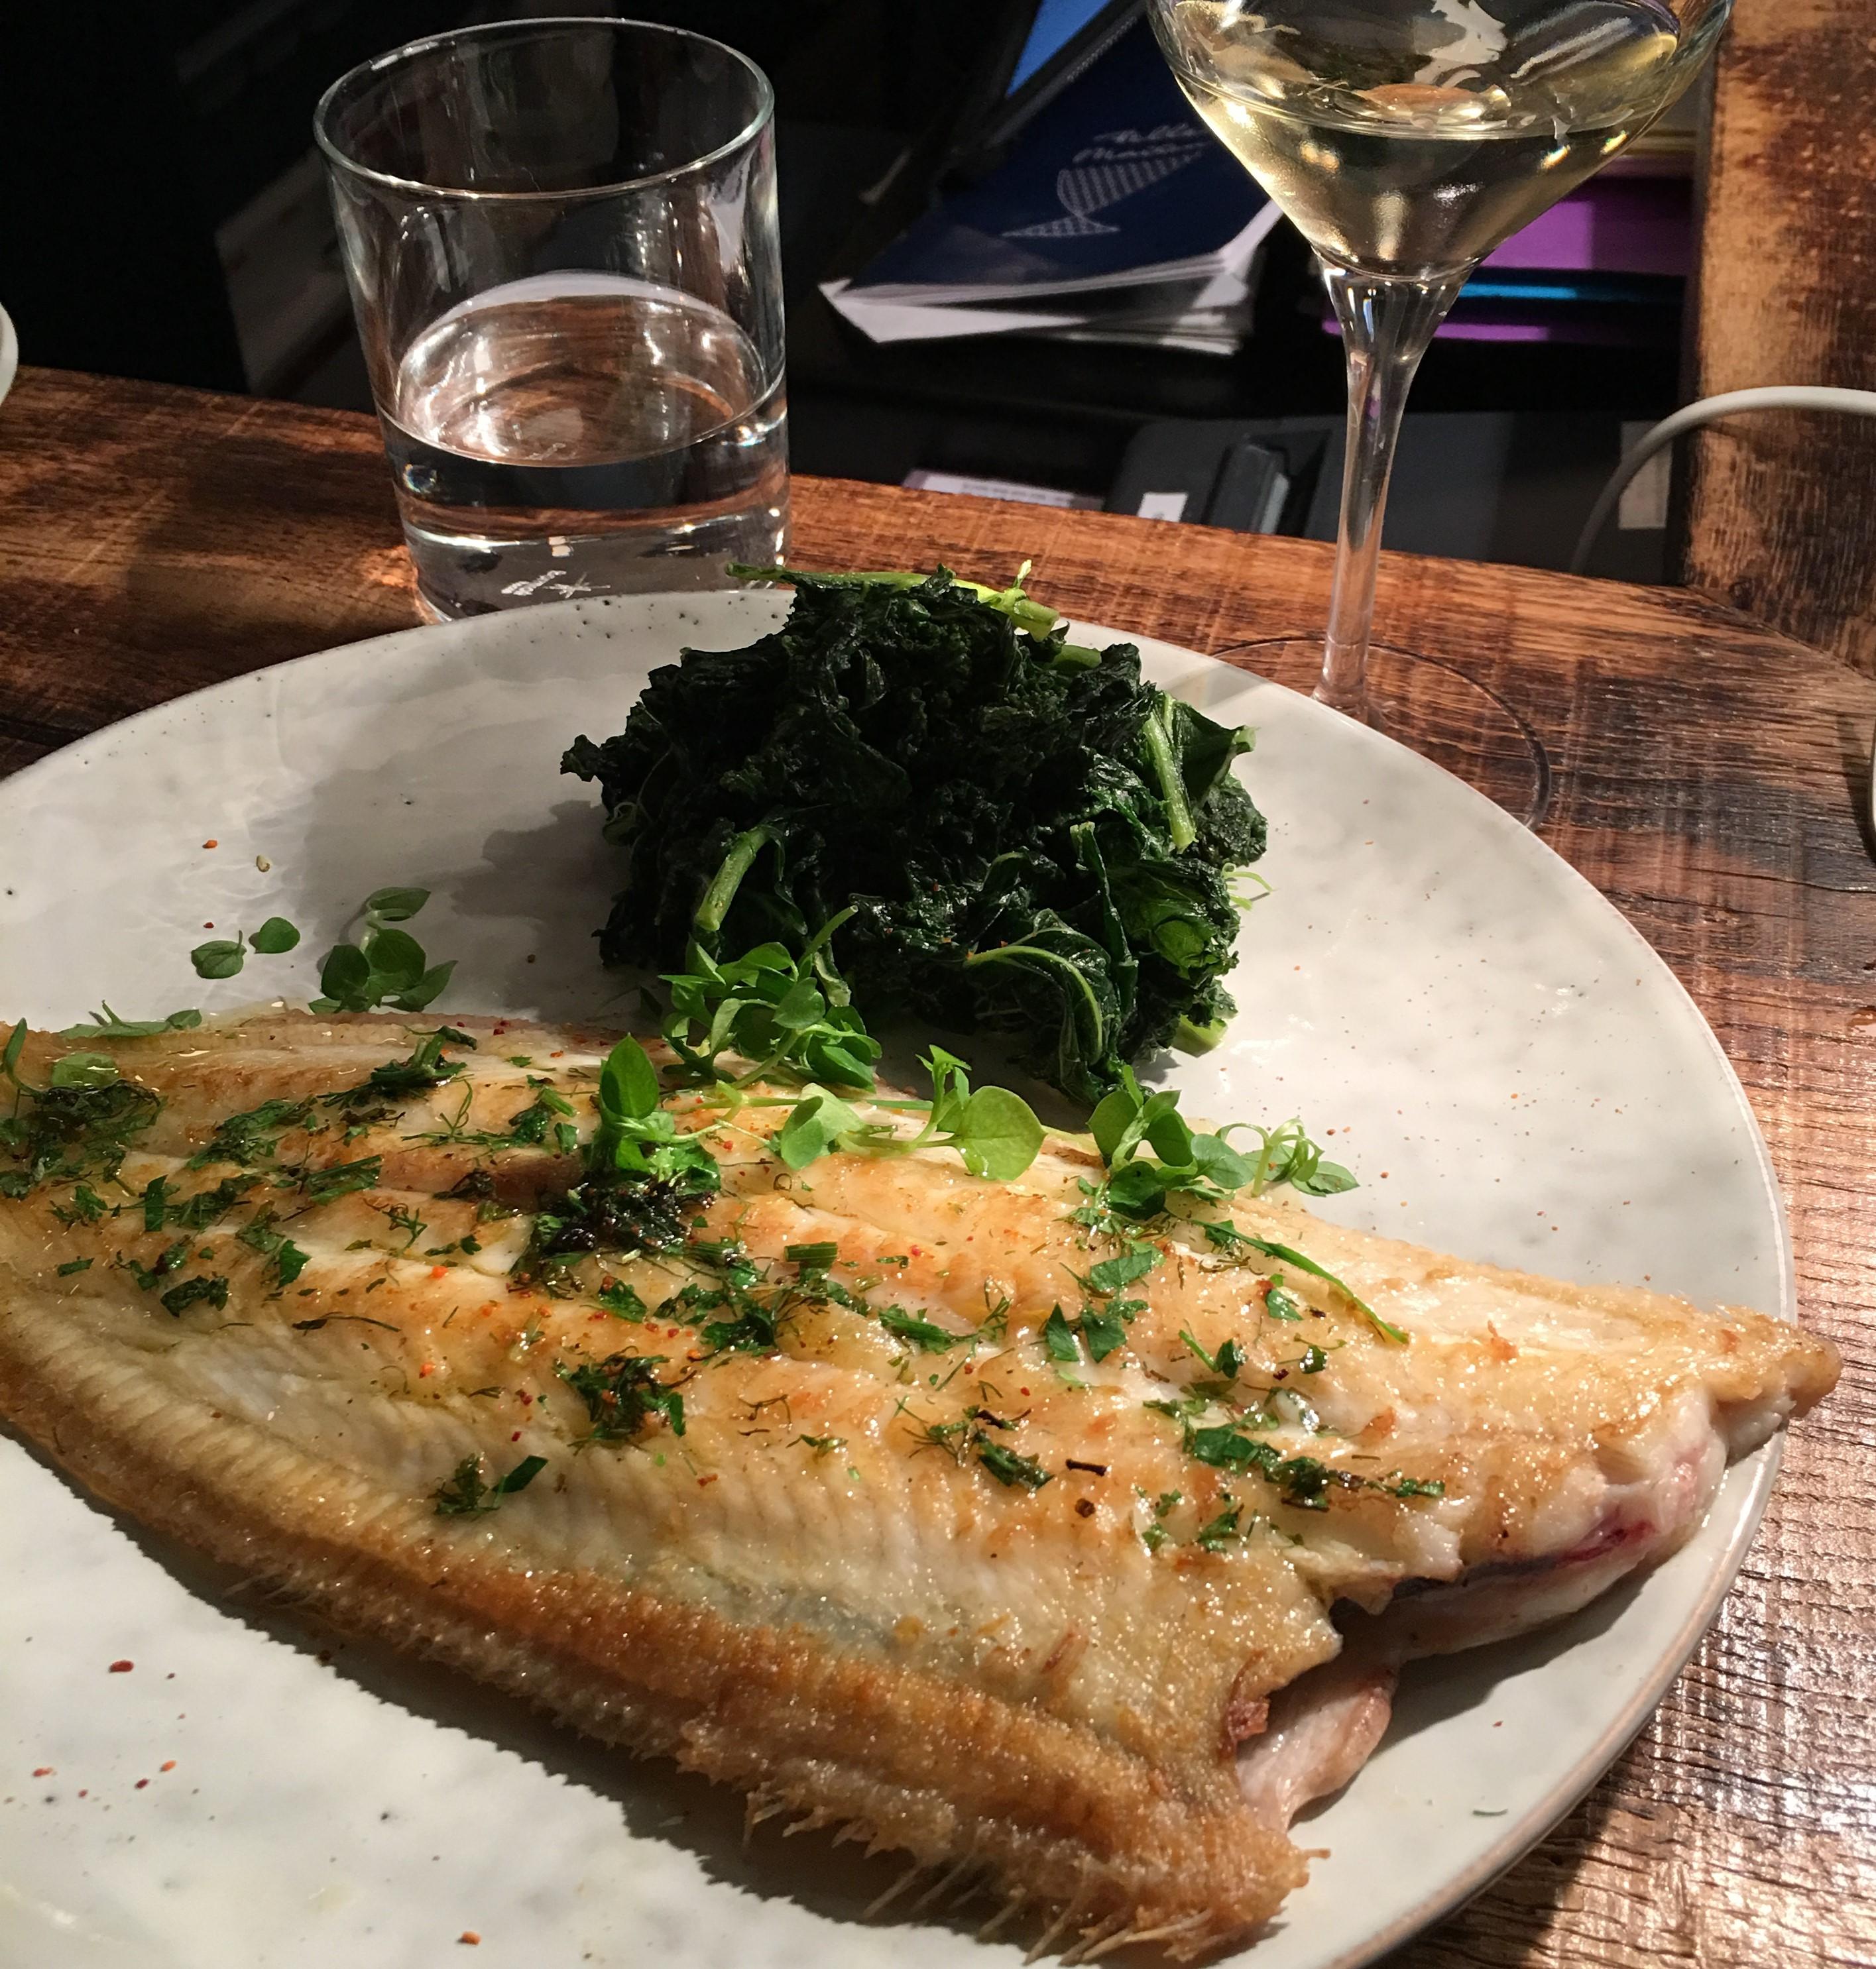 La belle maison paris 9e coup de fourchette blog guide des restaurants paris - Belle maison restaurant paris ...